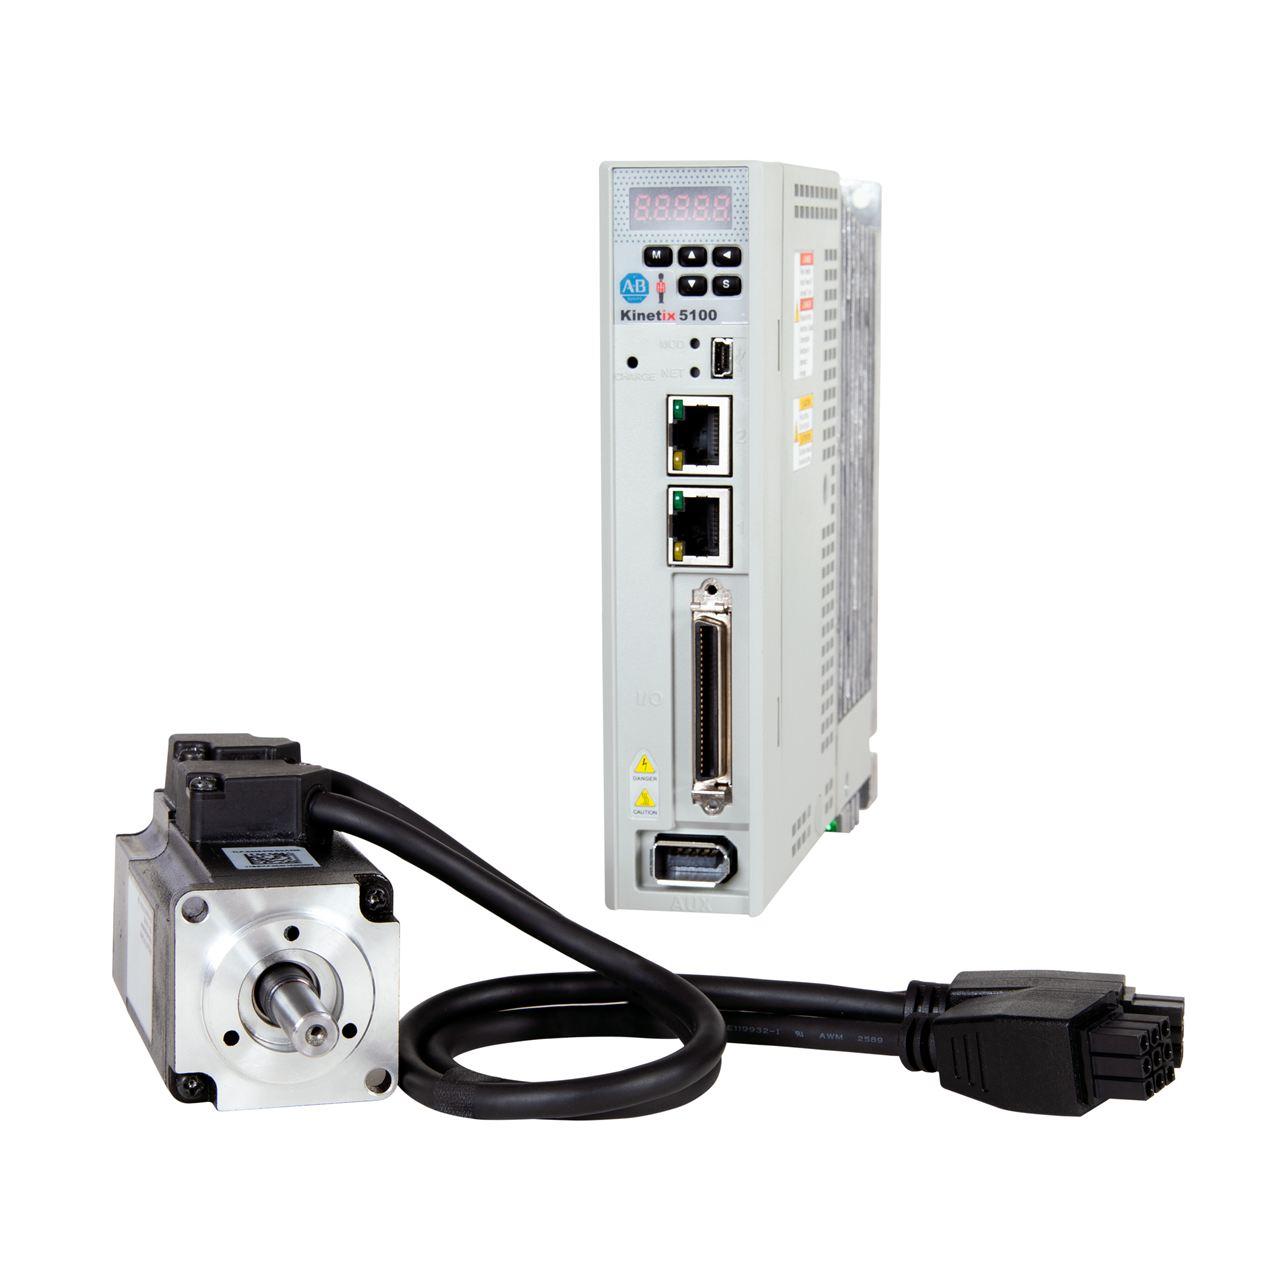 罗克韦尔自动化全新伺服系统助力企业节省开支